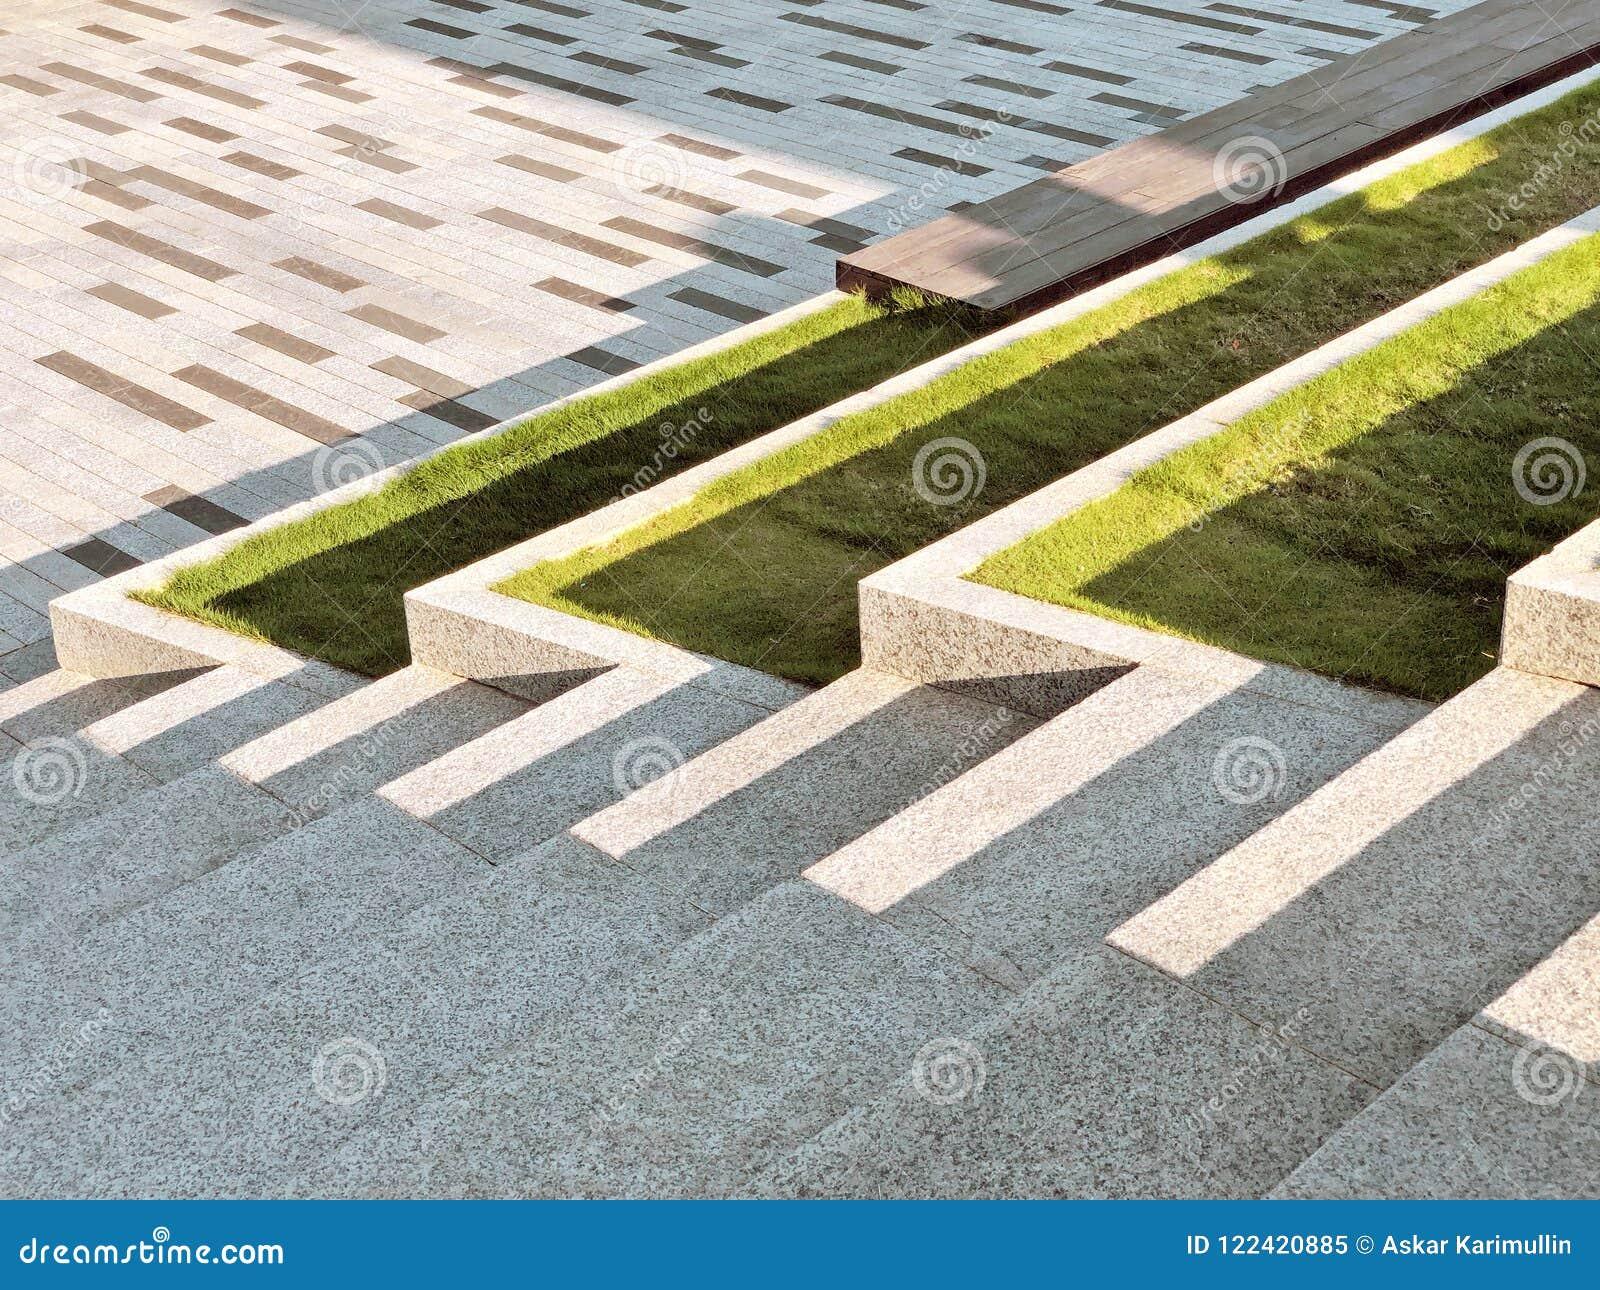 landscaping of modern park design stock image image of element rh dreamstime com modern design park models modern design park models